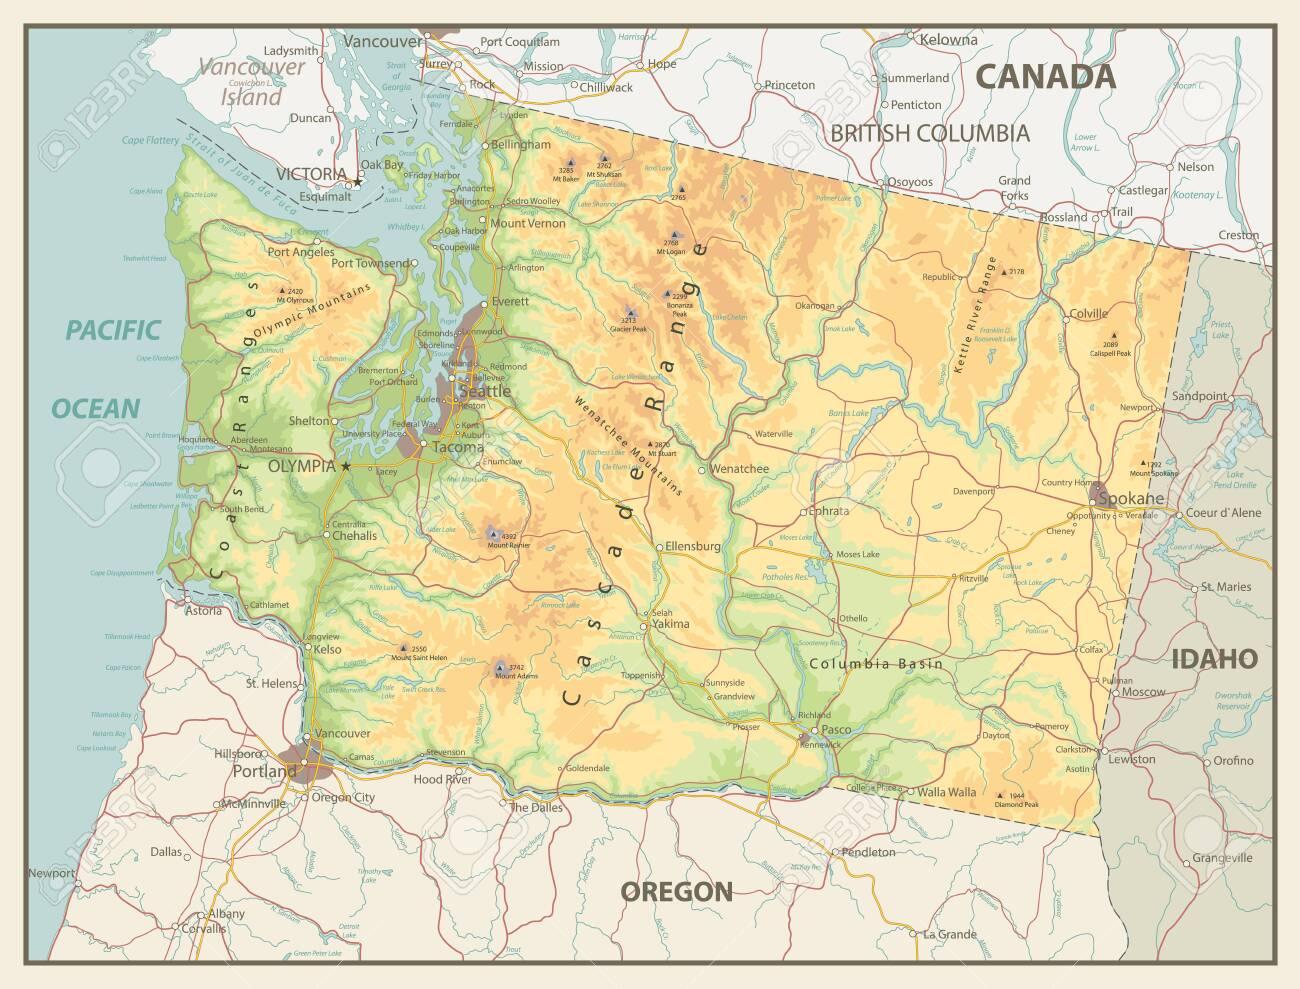 Picture of: Retro Color Map Of Washington State With A Main Relief Rivers Lakes And Highways Ilustraciones Vectoriales Clip Art Vectorizado Libre De Derechos Image 145745728